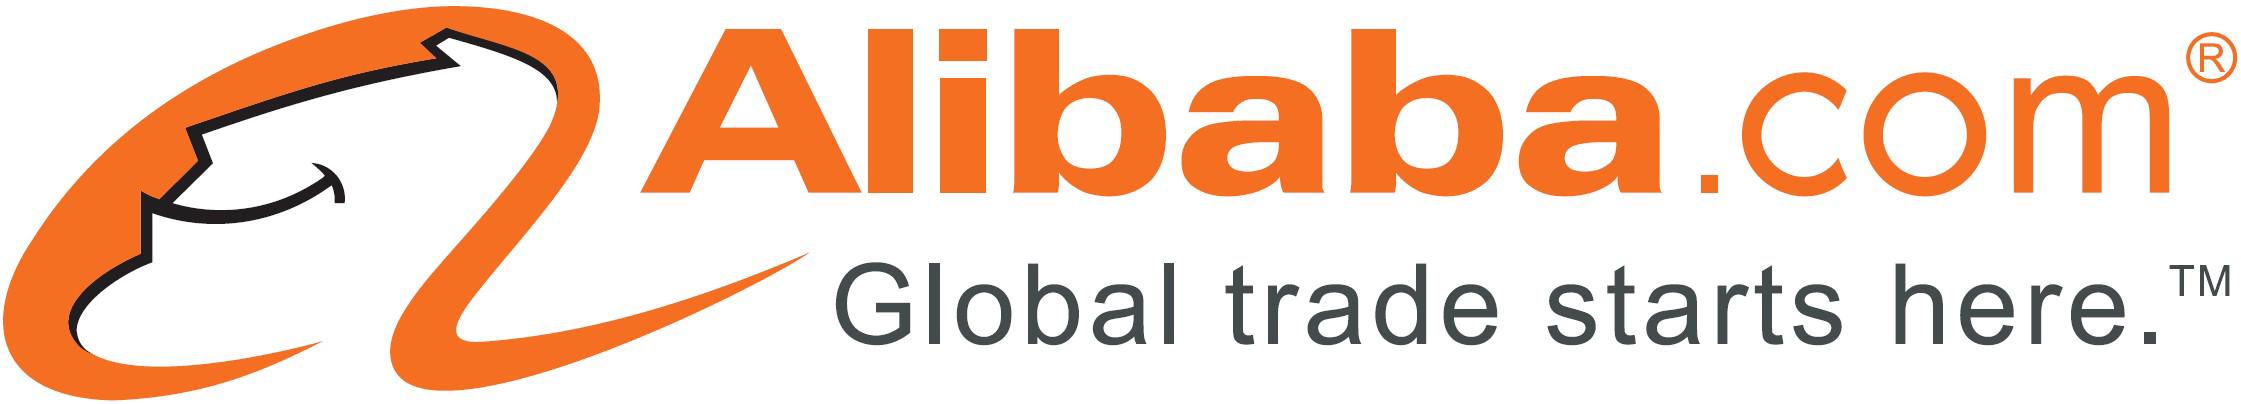 alibaba-c764b76e